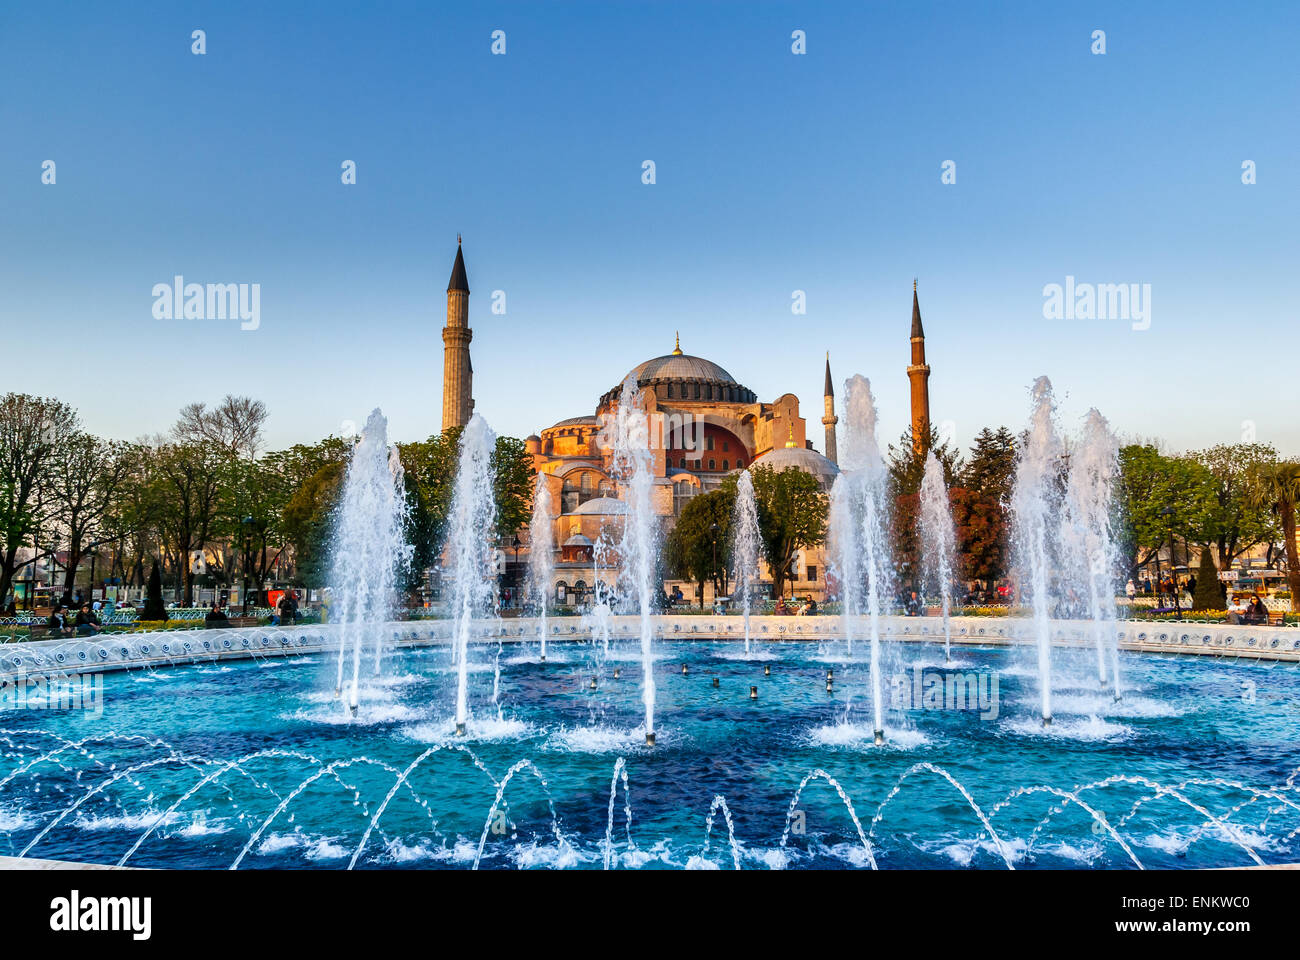 Hagia Sophia mezquita en la plaza de Sultanahmet, en Estambul, Turquía. El Museo de Santa Sofía en Estambul Imagen De Stock